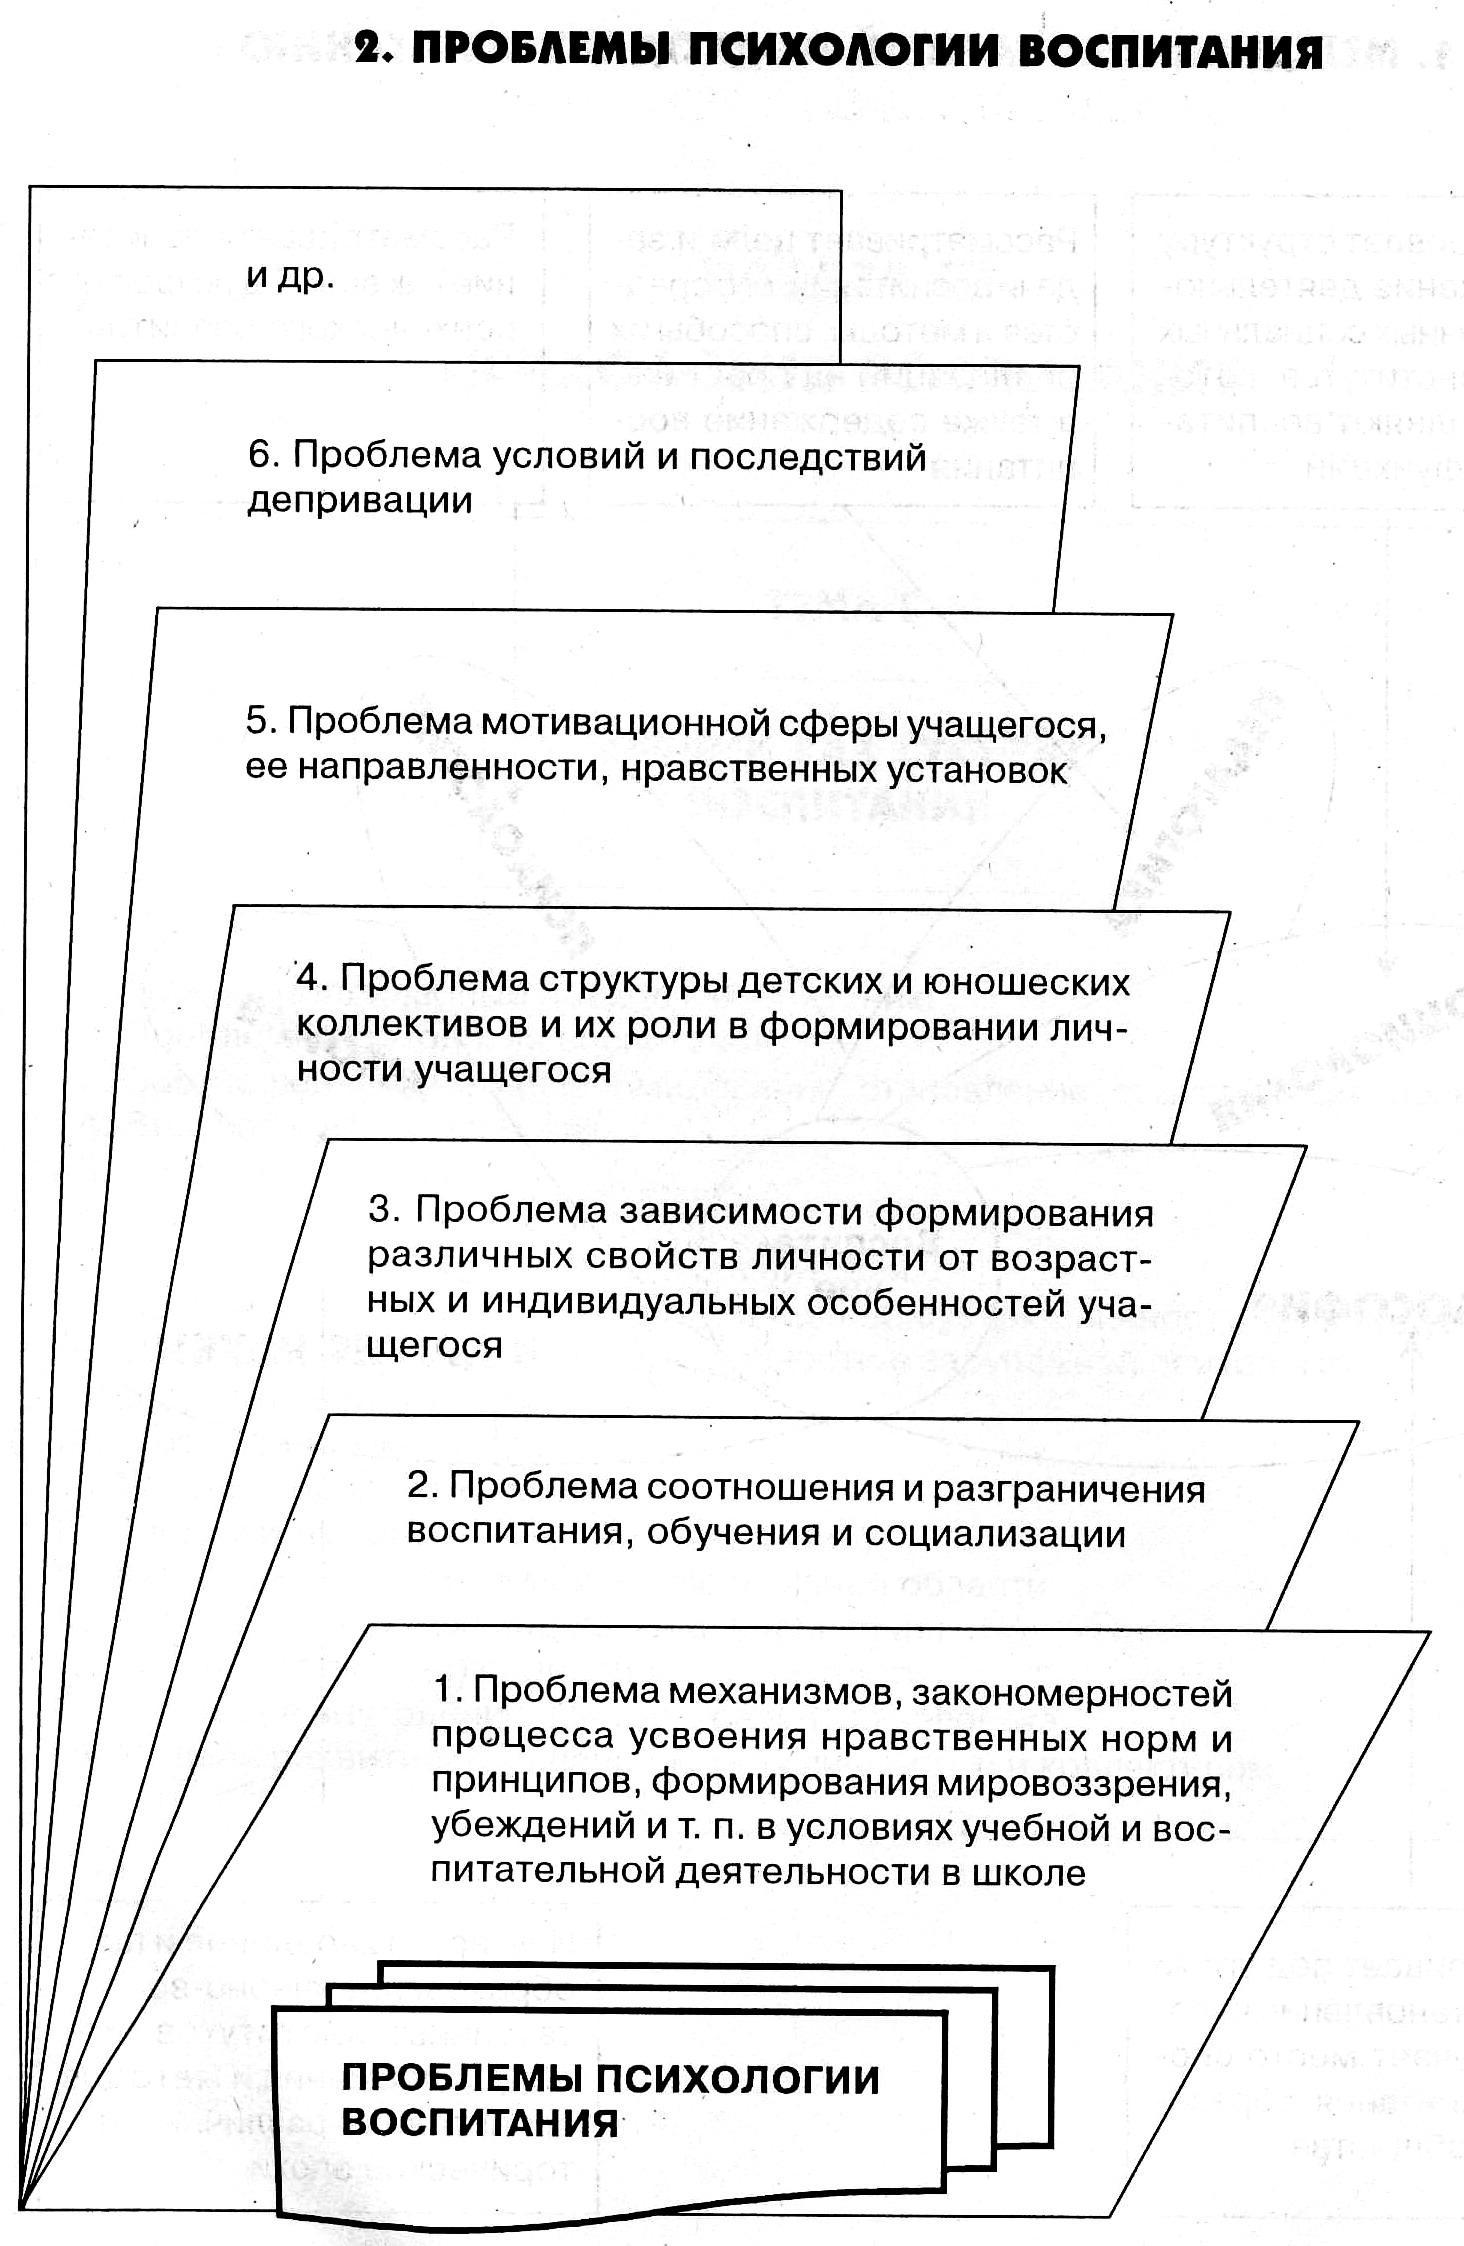 Психология воспитания и обучения реферат 9400